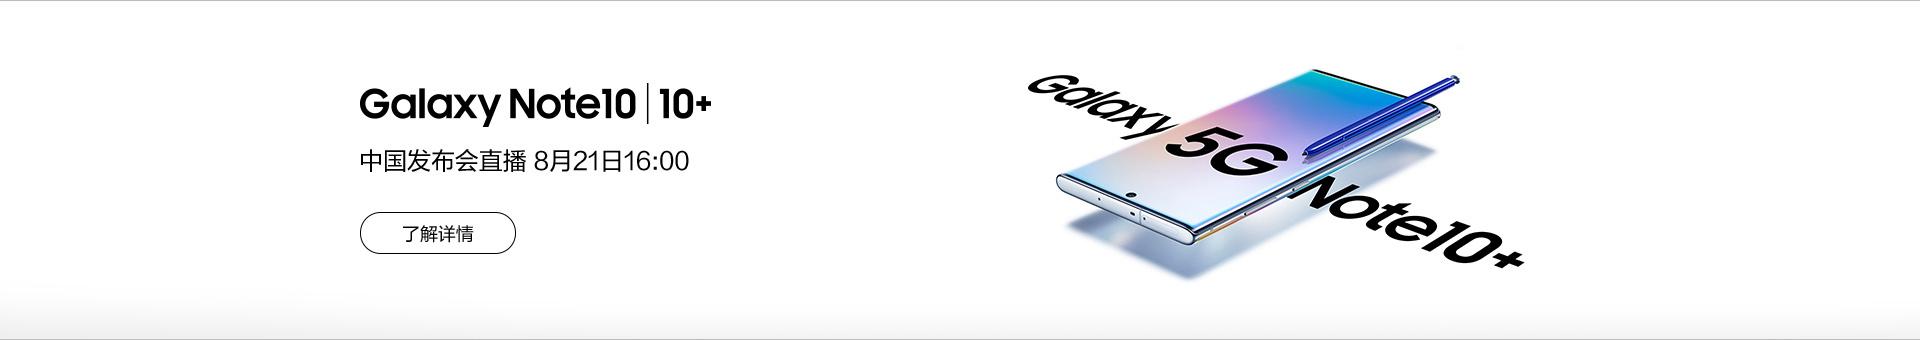 三星Galaxy Note10 | 10+新品发布会 诚邀您收看